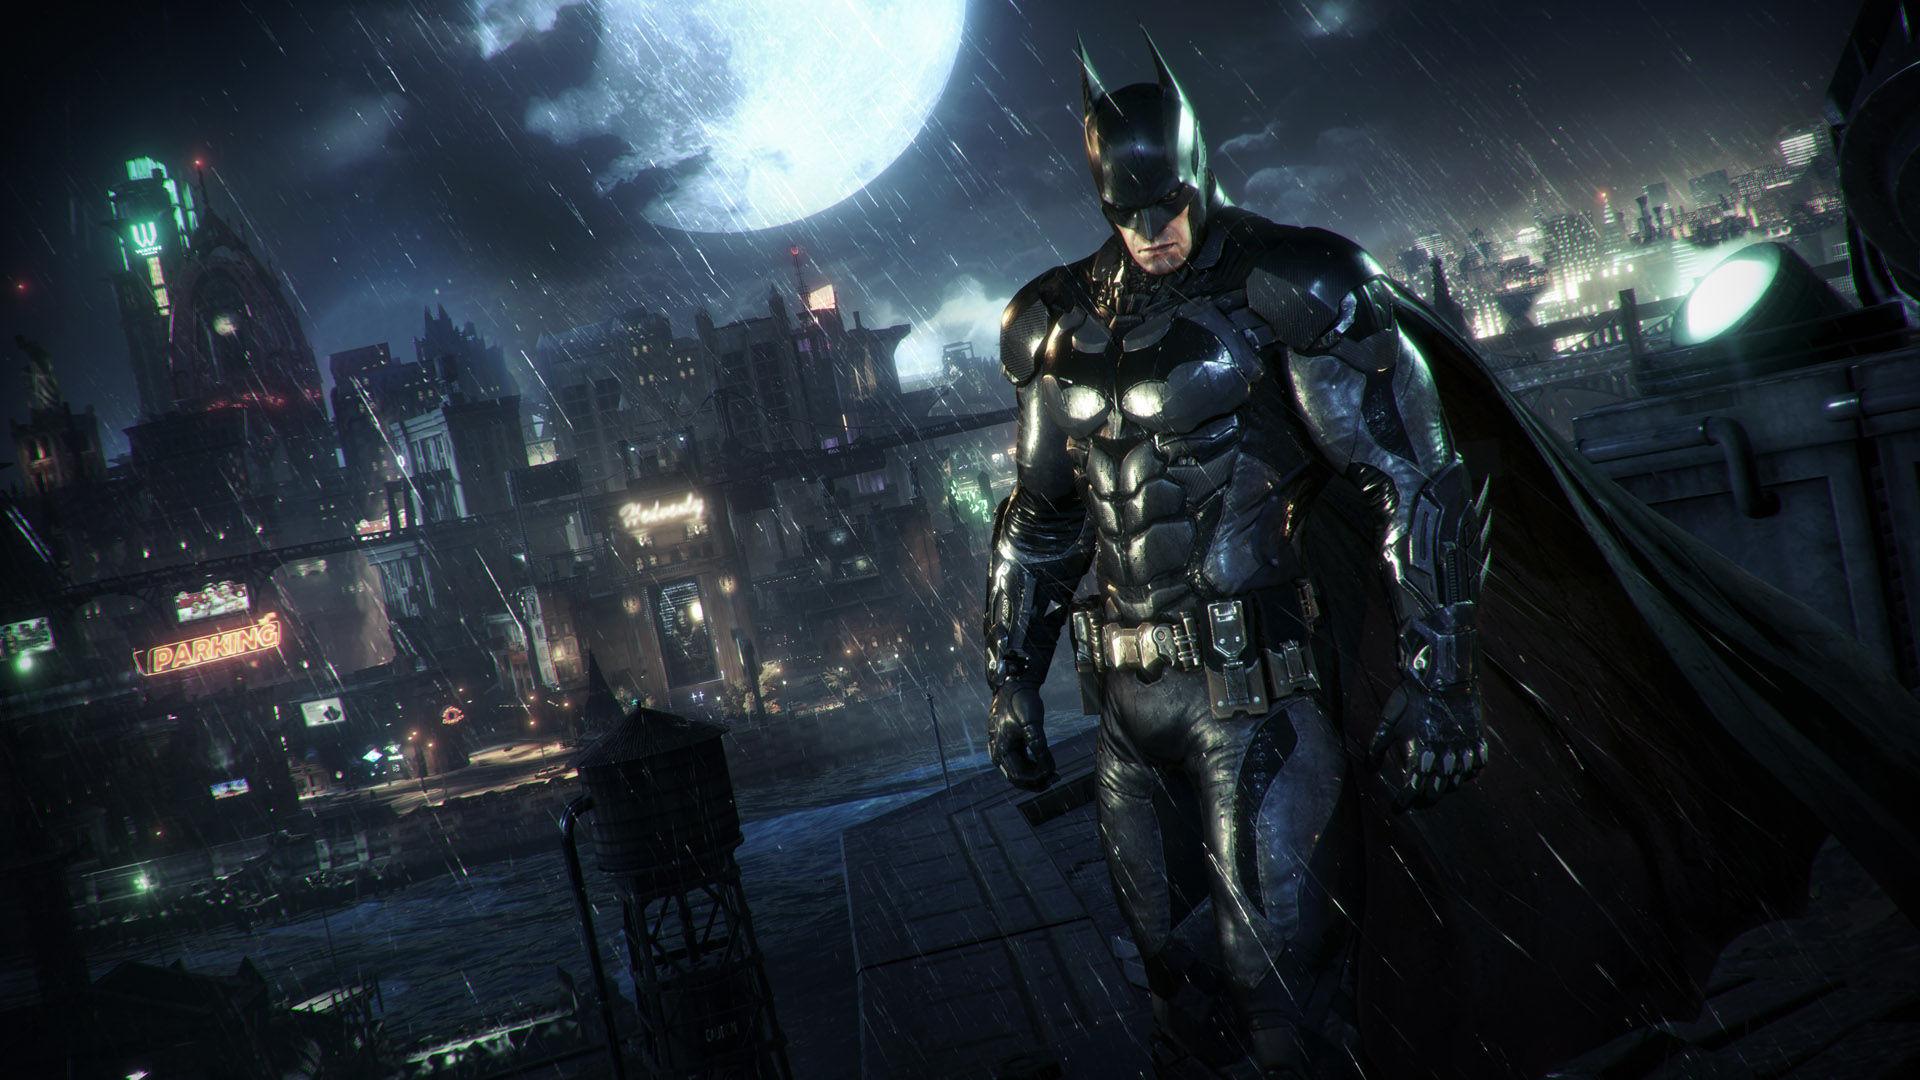 Image via:gamescenter.com.br